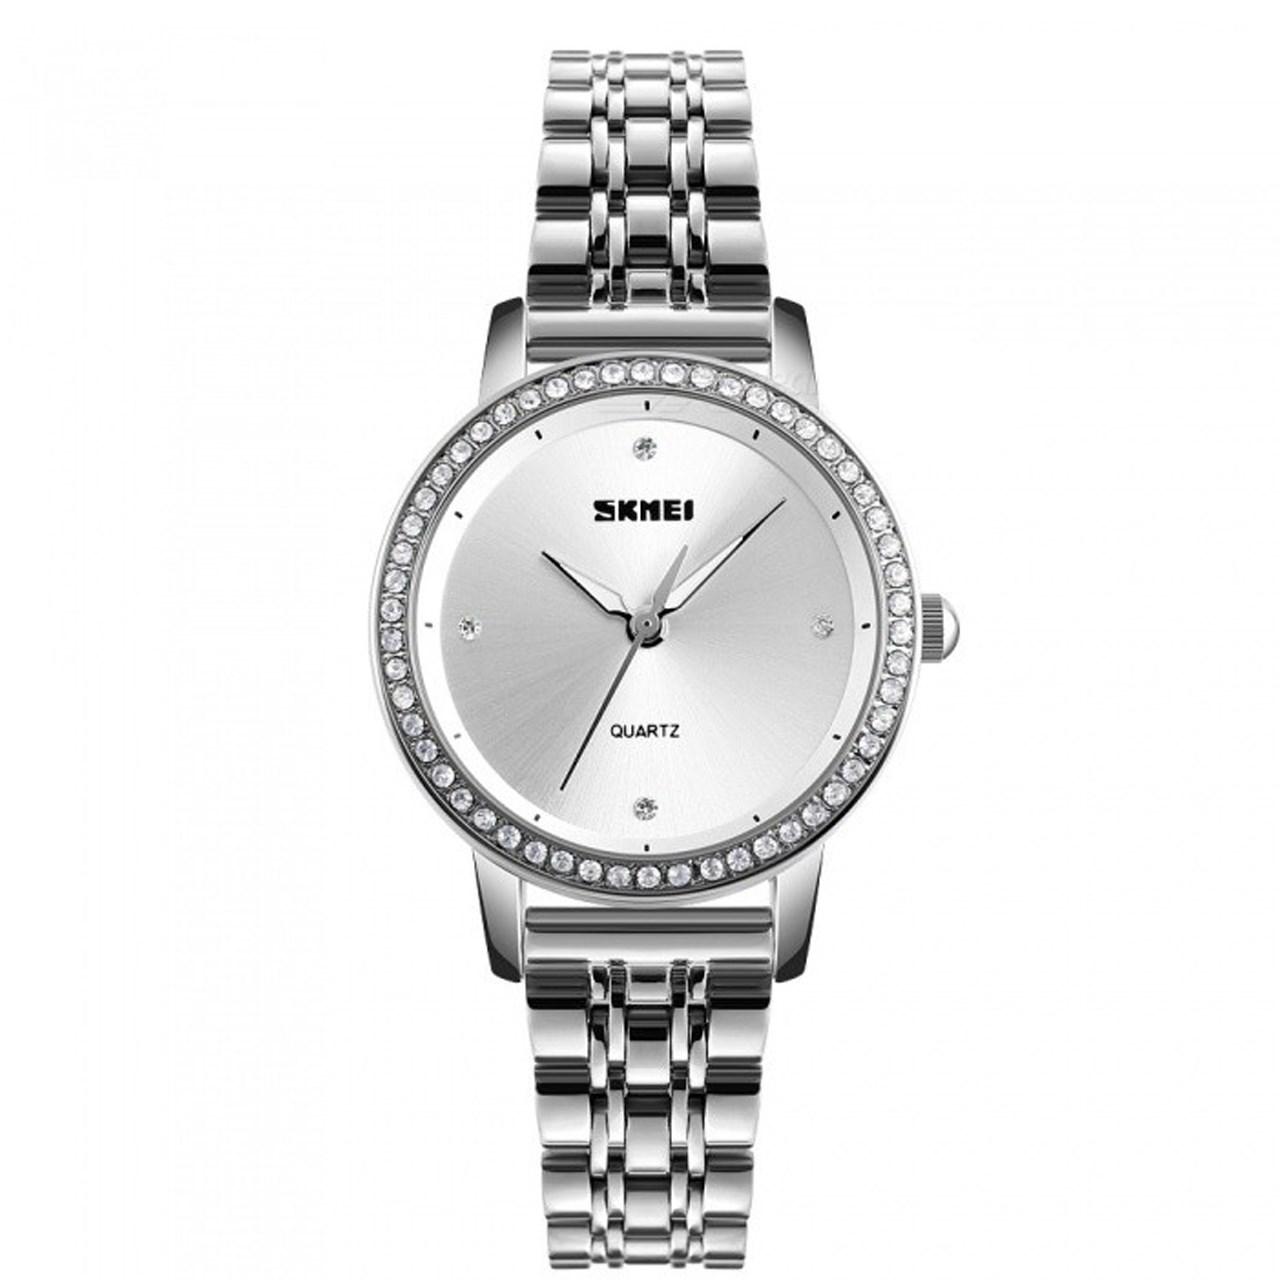 ساعت مچی عقربه ای زنانه اسکمی مدل 1311 کد 02 46